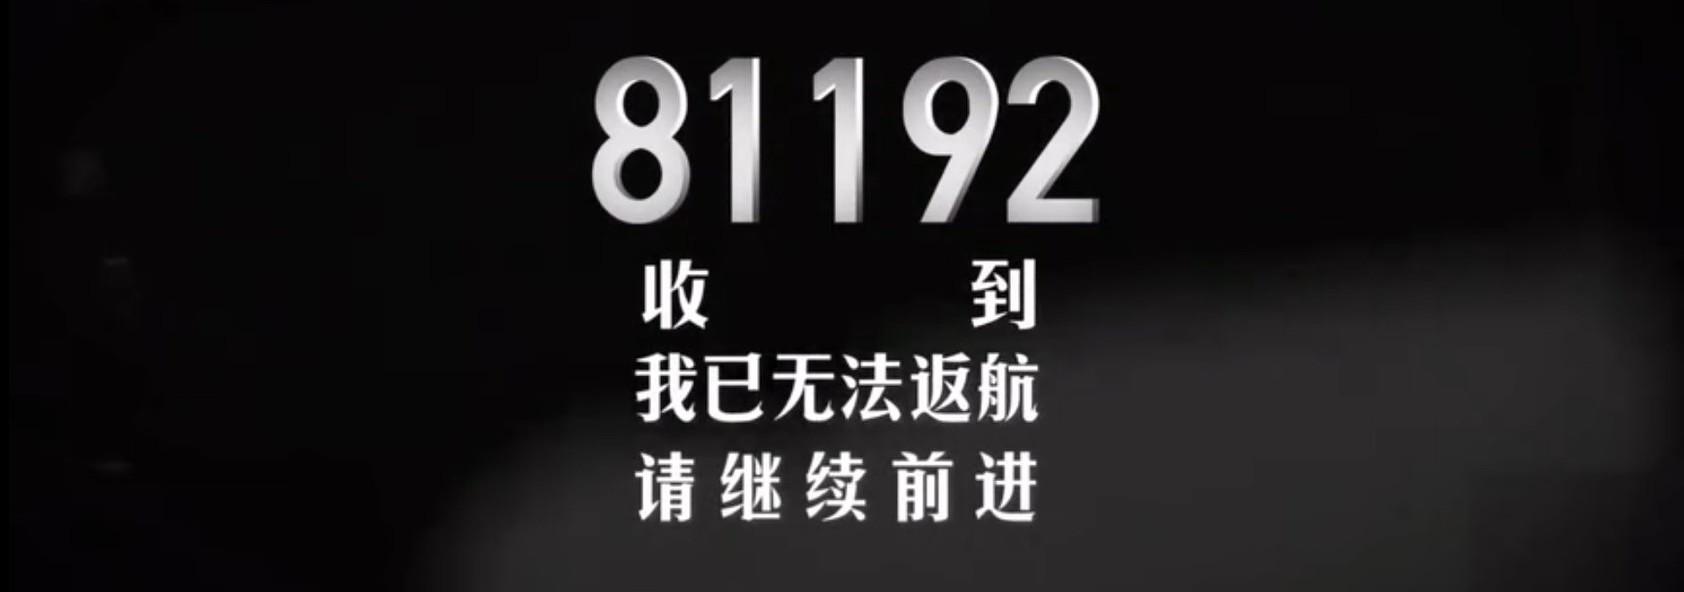 20年了从未忘记!第20次呼叫81192,阮国琴:我还在等他